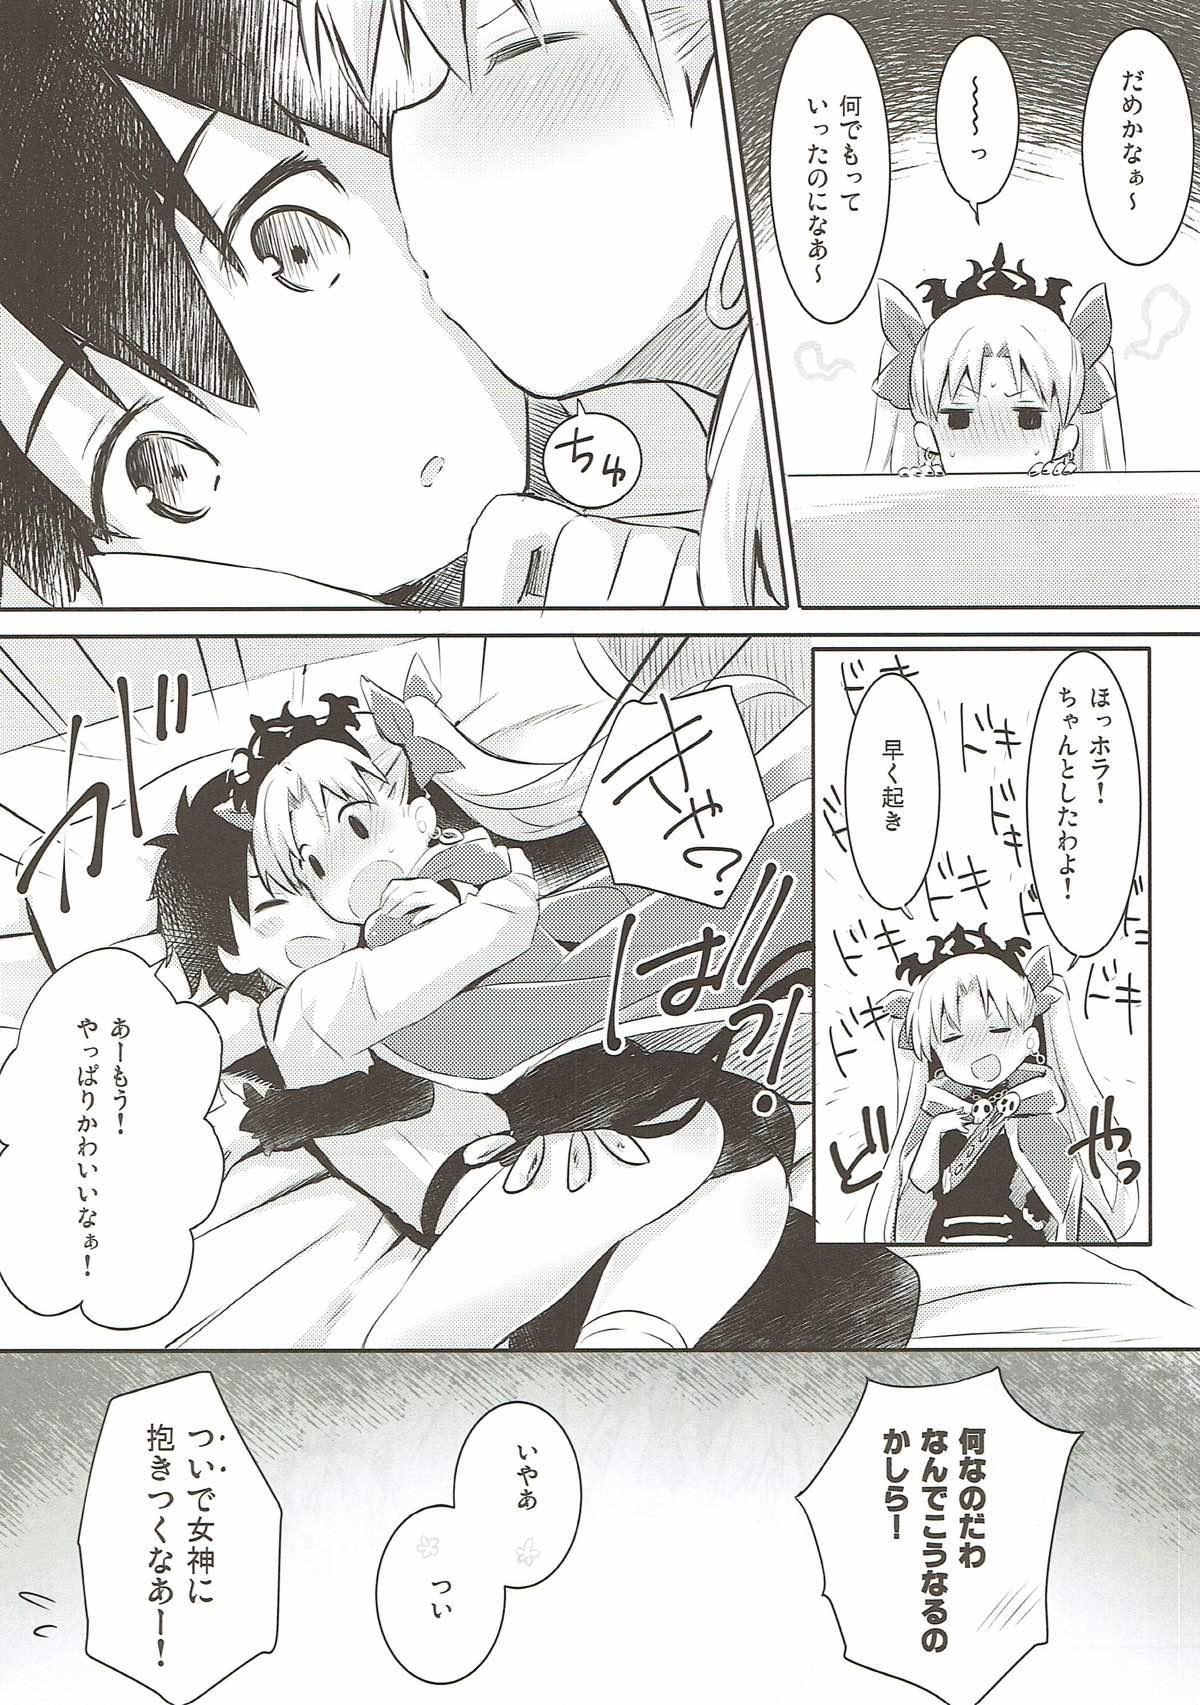 【FGO エロ漫画・エロ同人】マスター大好きエレちゃんのずっとドキドキしてる姿が可愛すぎる!!!!!!!! (6)